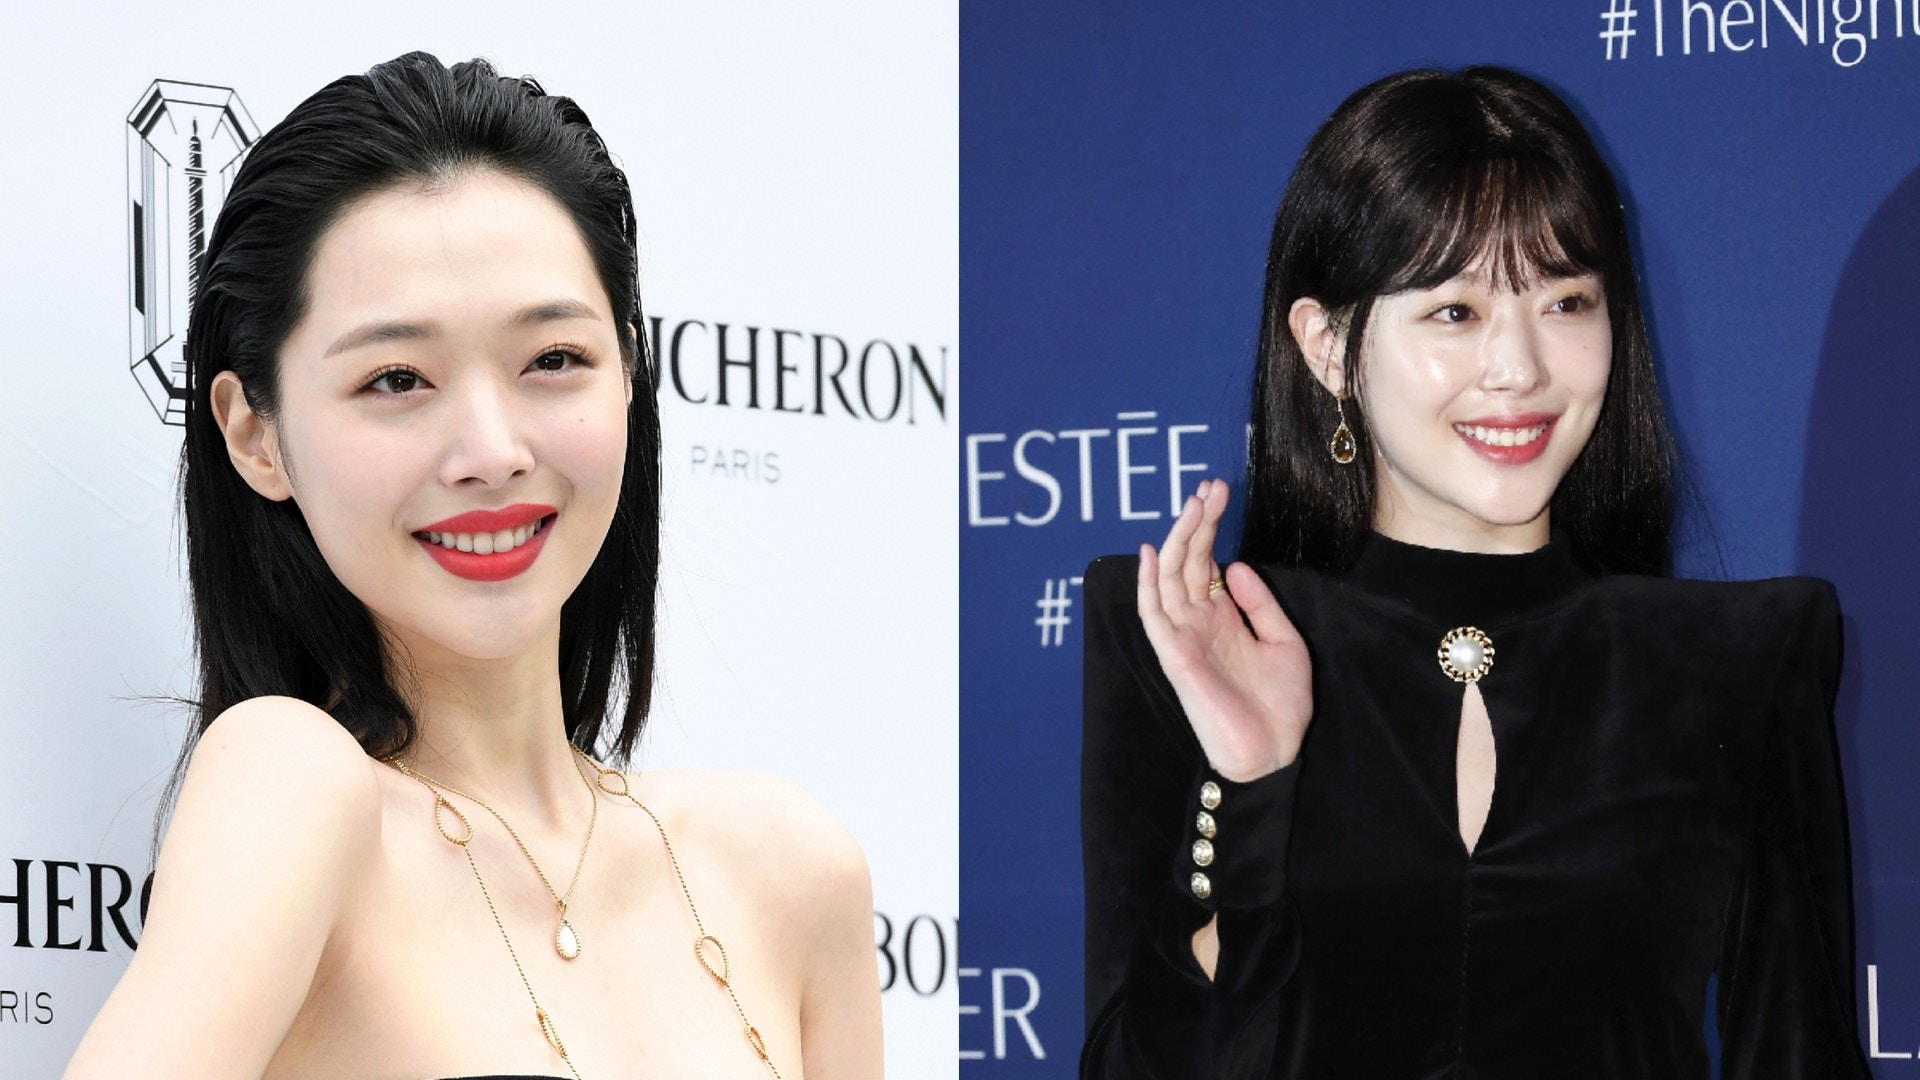 震惊!经纪人发现雪莉在家中死亡,韩国警方已确认SM尚未回应插图